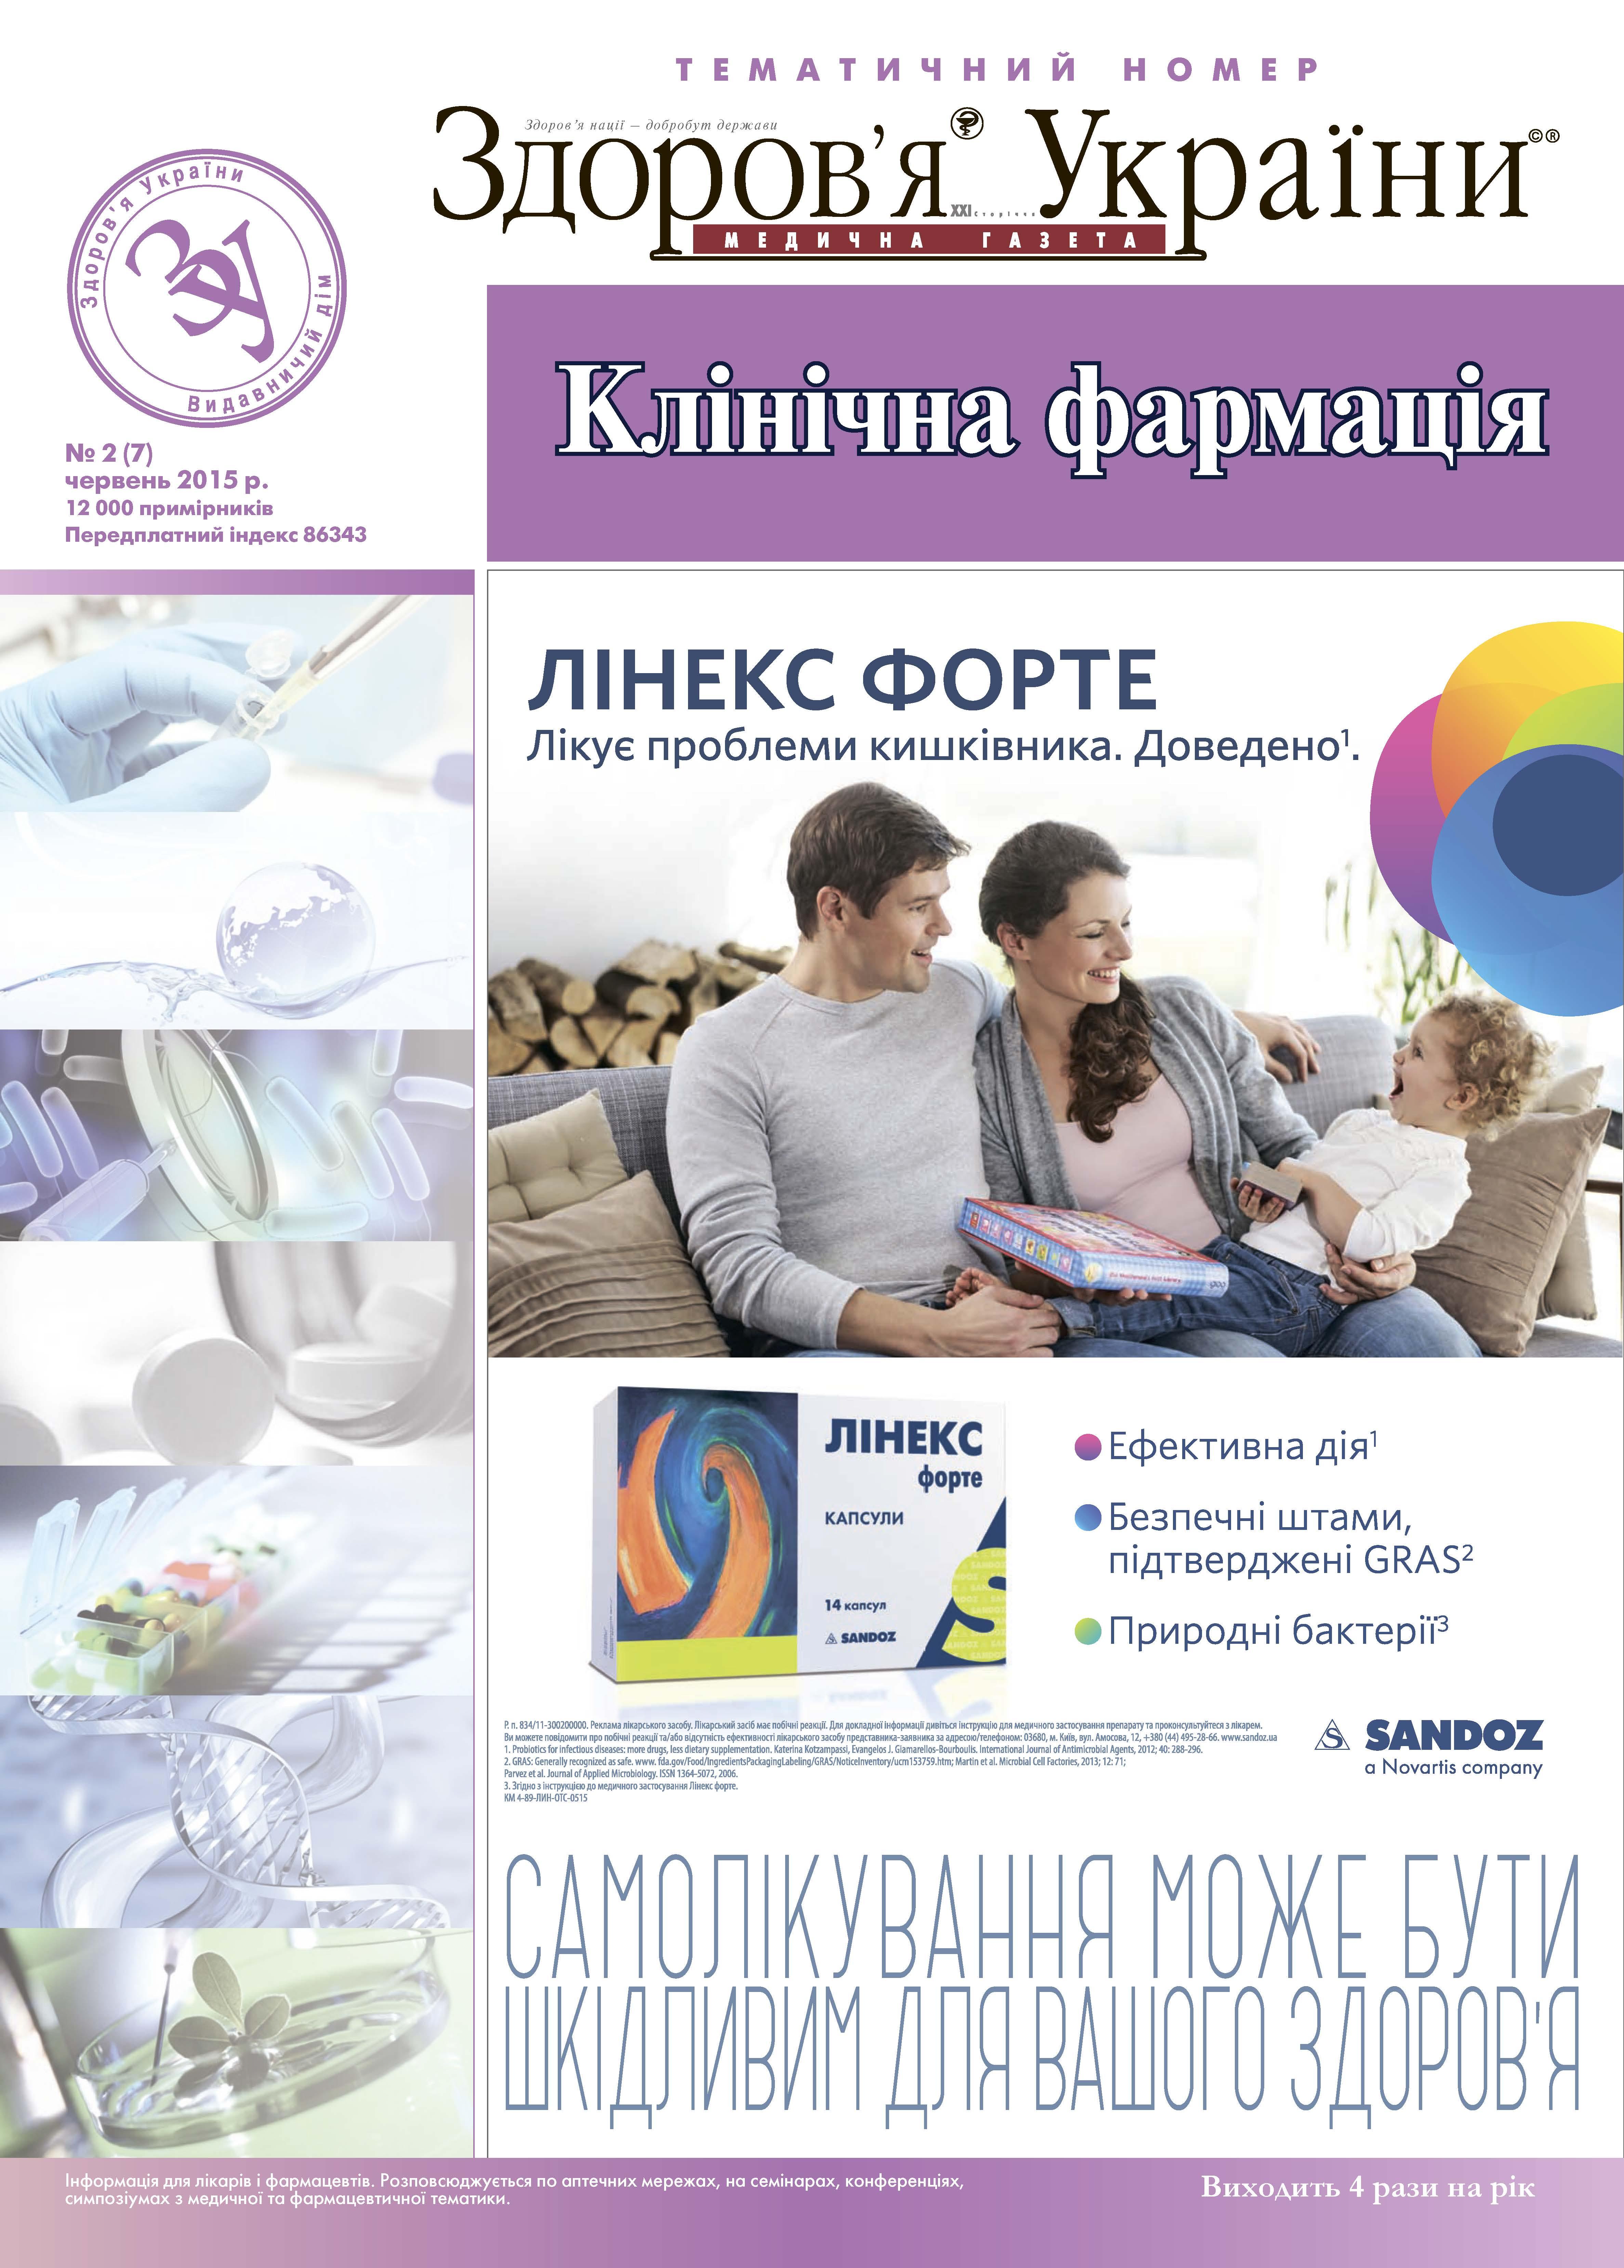 Тематичний номер  «Клінічна фармація» № 2 (7) червень 2015 р.